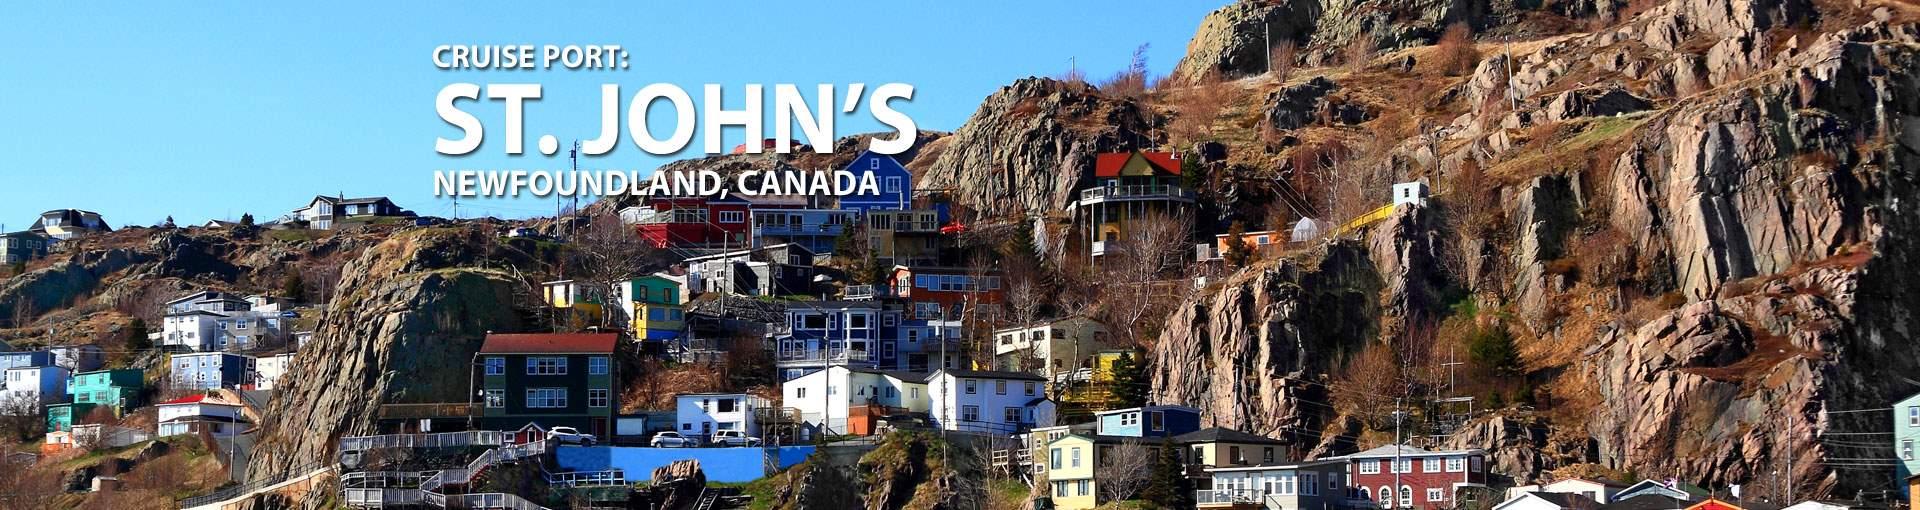 Cruises to St. Johns, Newfoundland